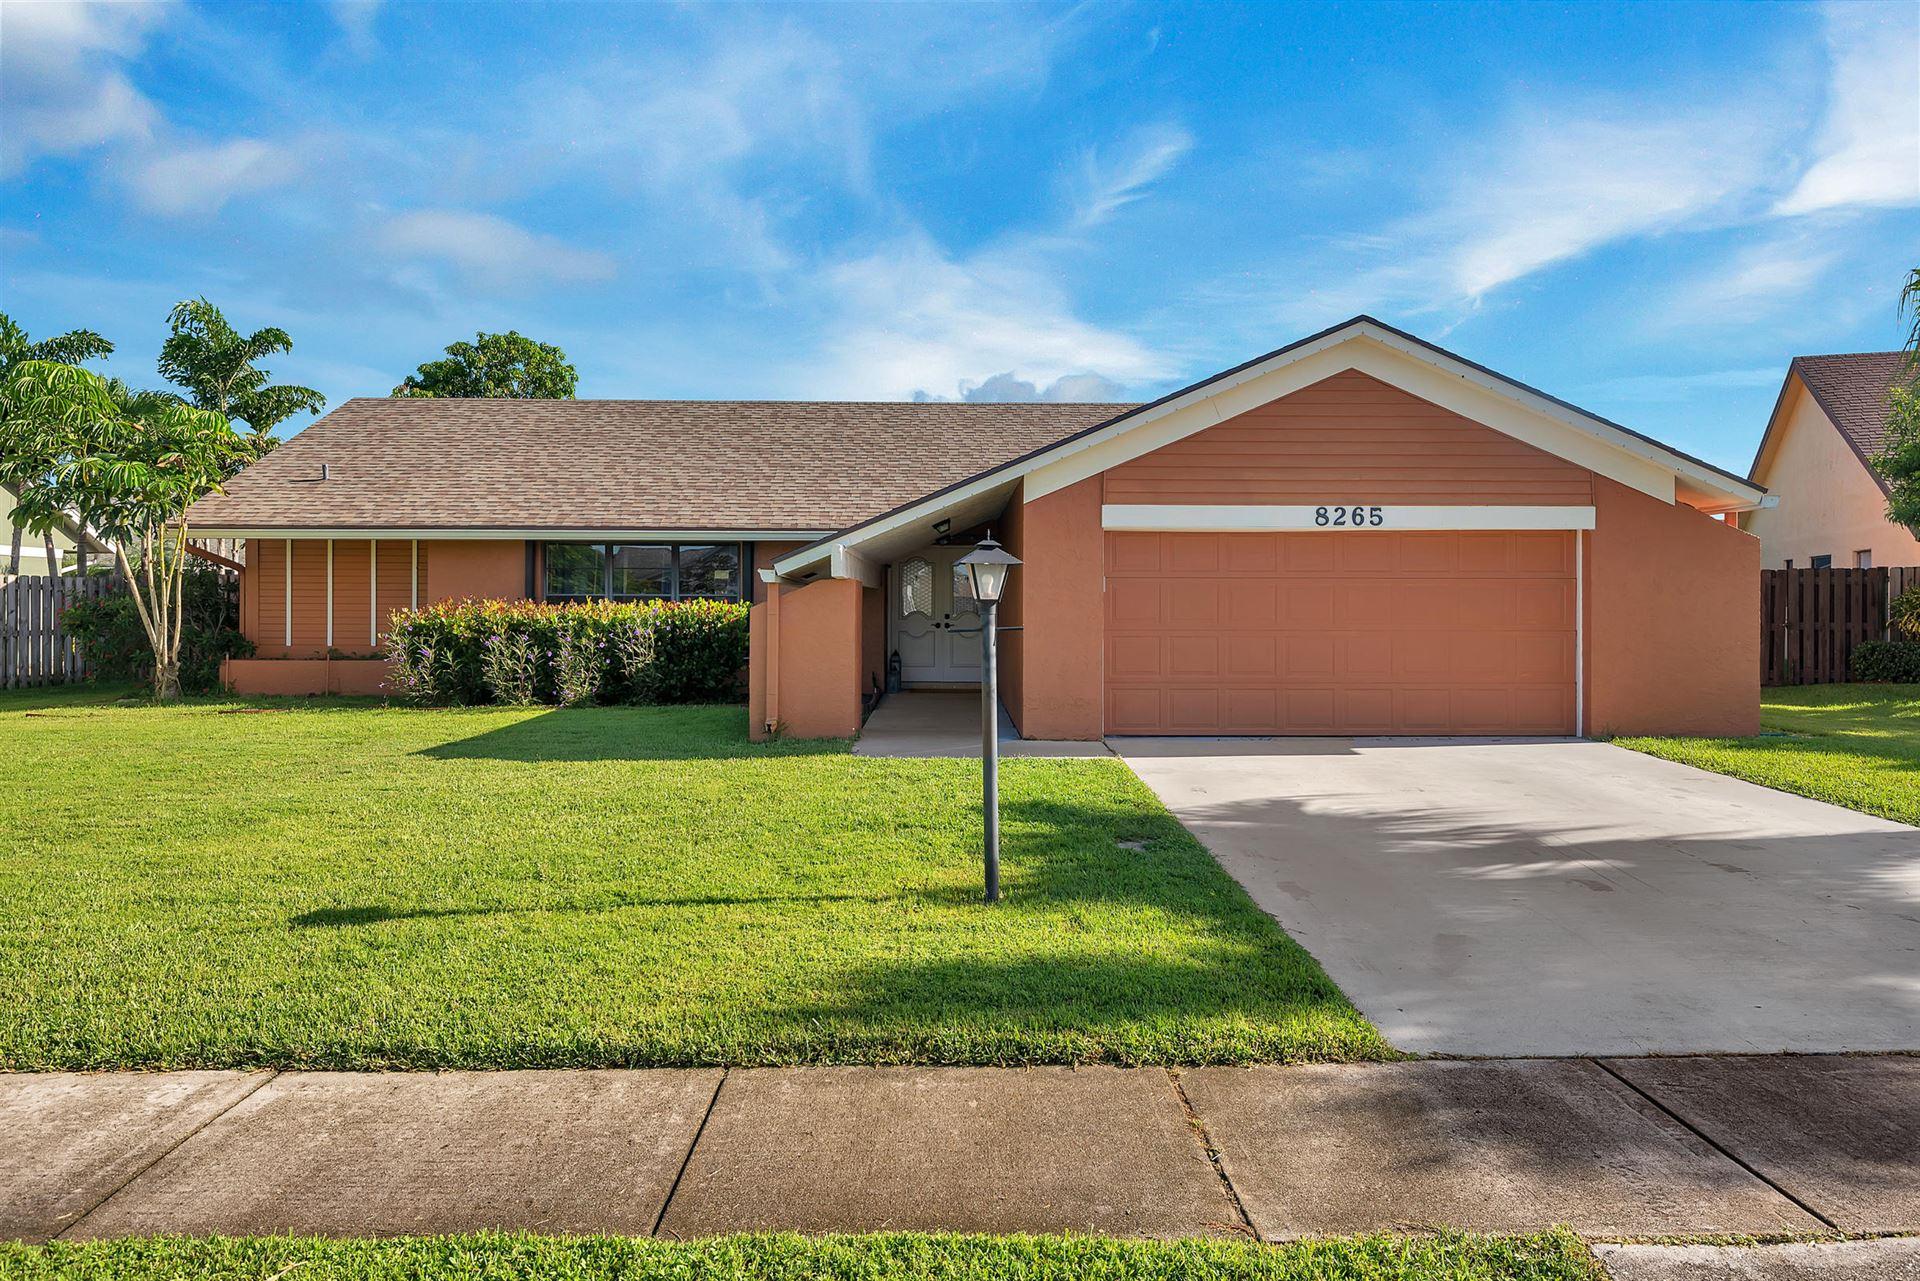 8265 Whitewood Cove E, Lake Worth, FL 33467 - #: RX-10642032